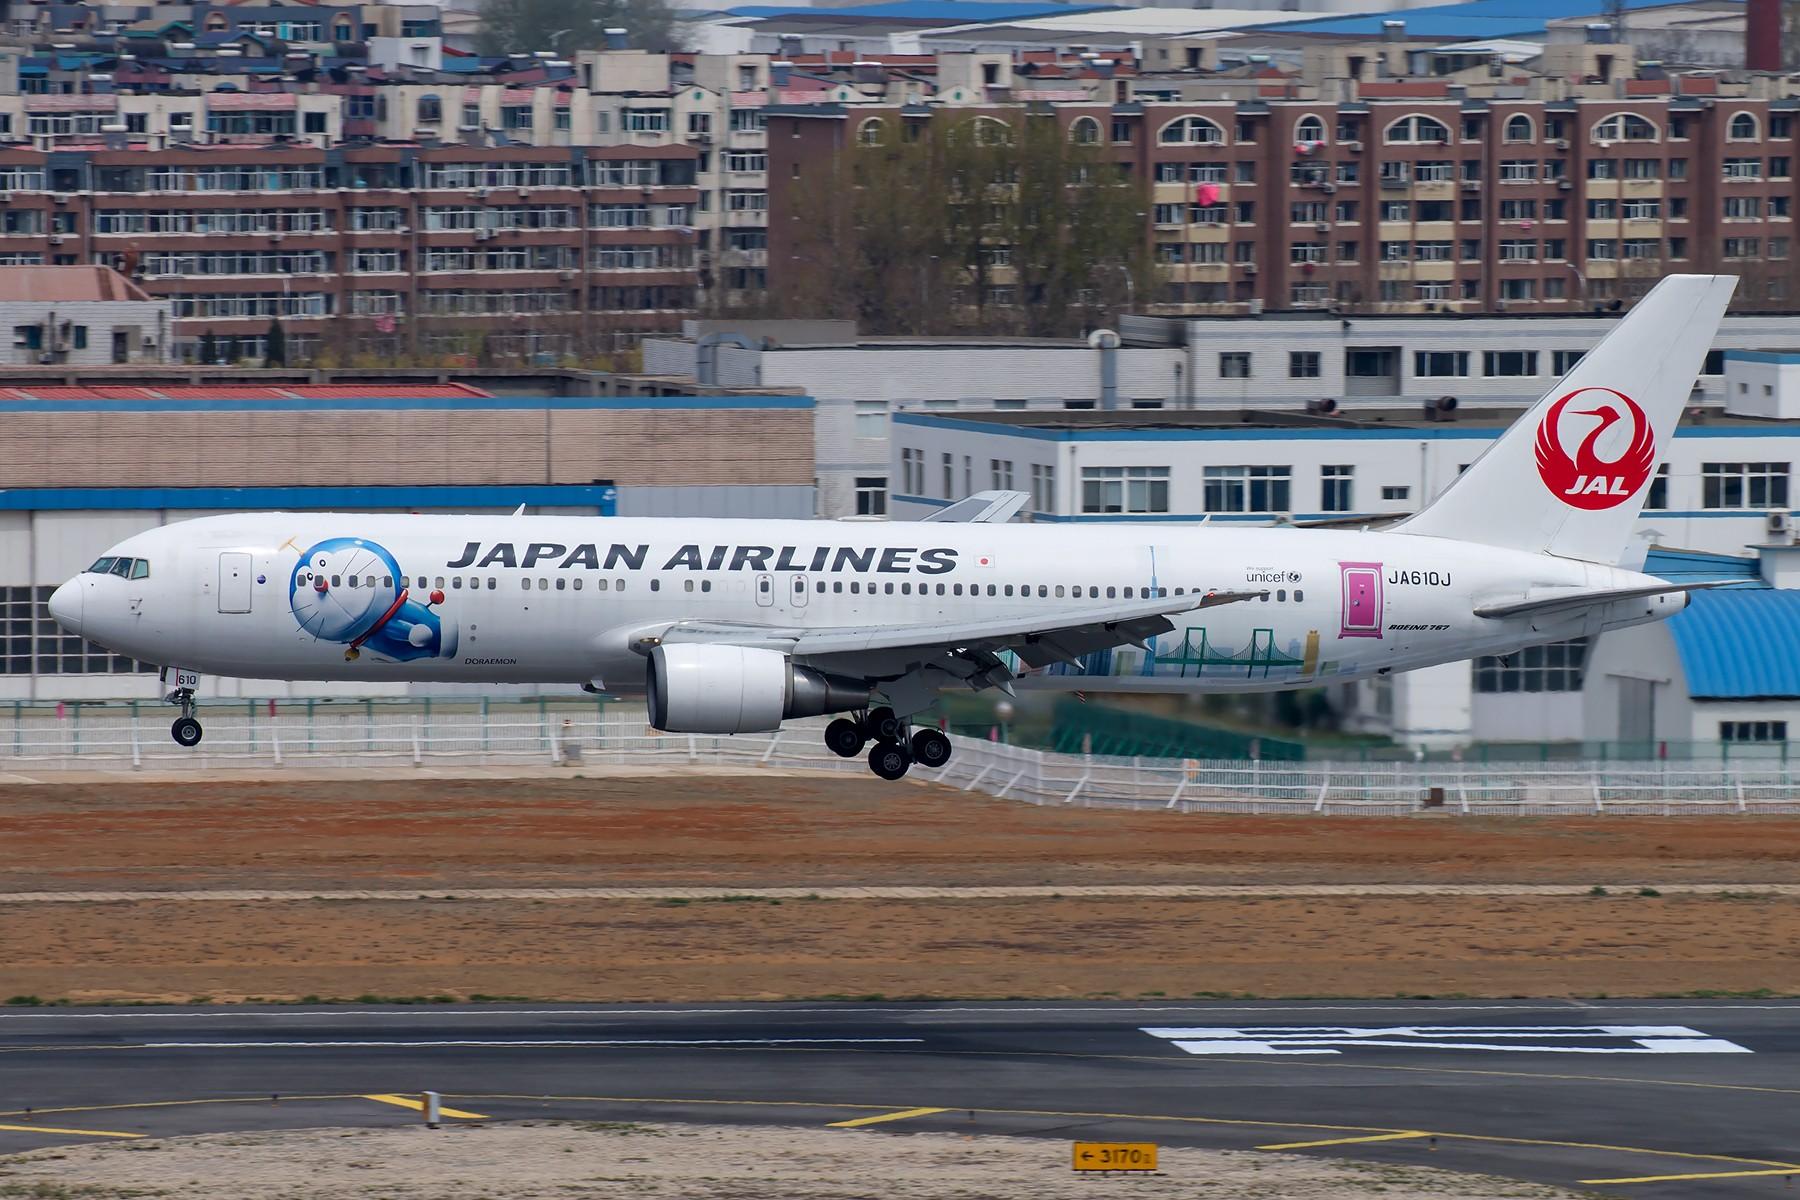 [原创][一图党]日本航空 JA610J B767-300ER 多啦A梦彩绘 1800*1200 BOEING 767-300ER JA610J 中国大连国际机场